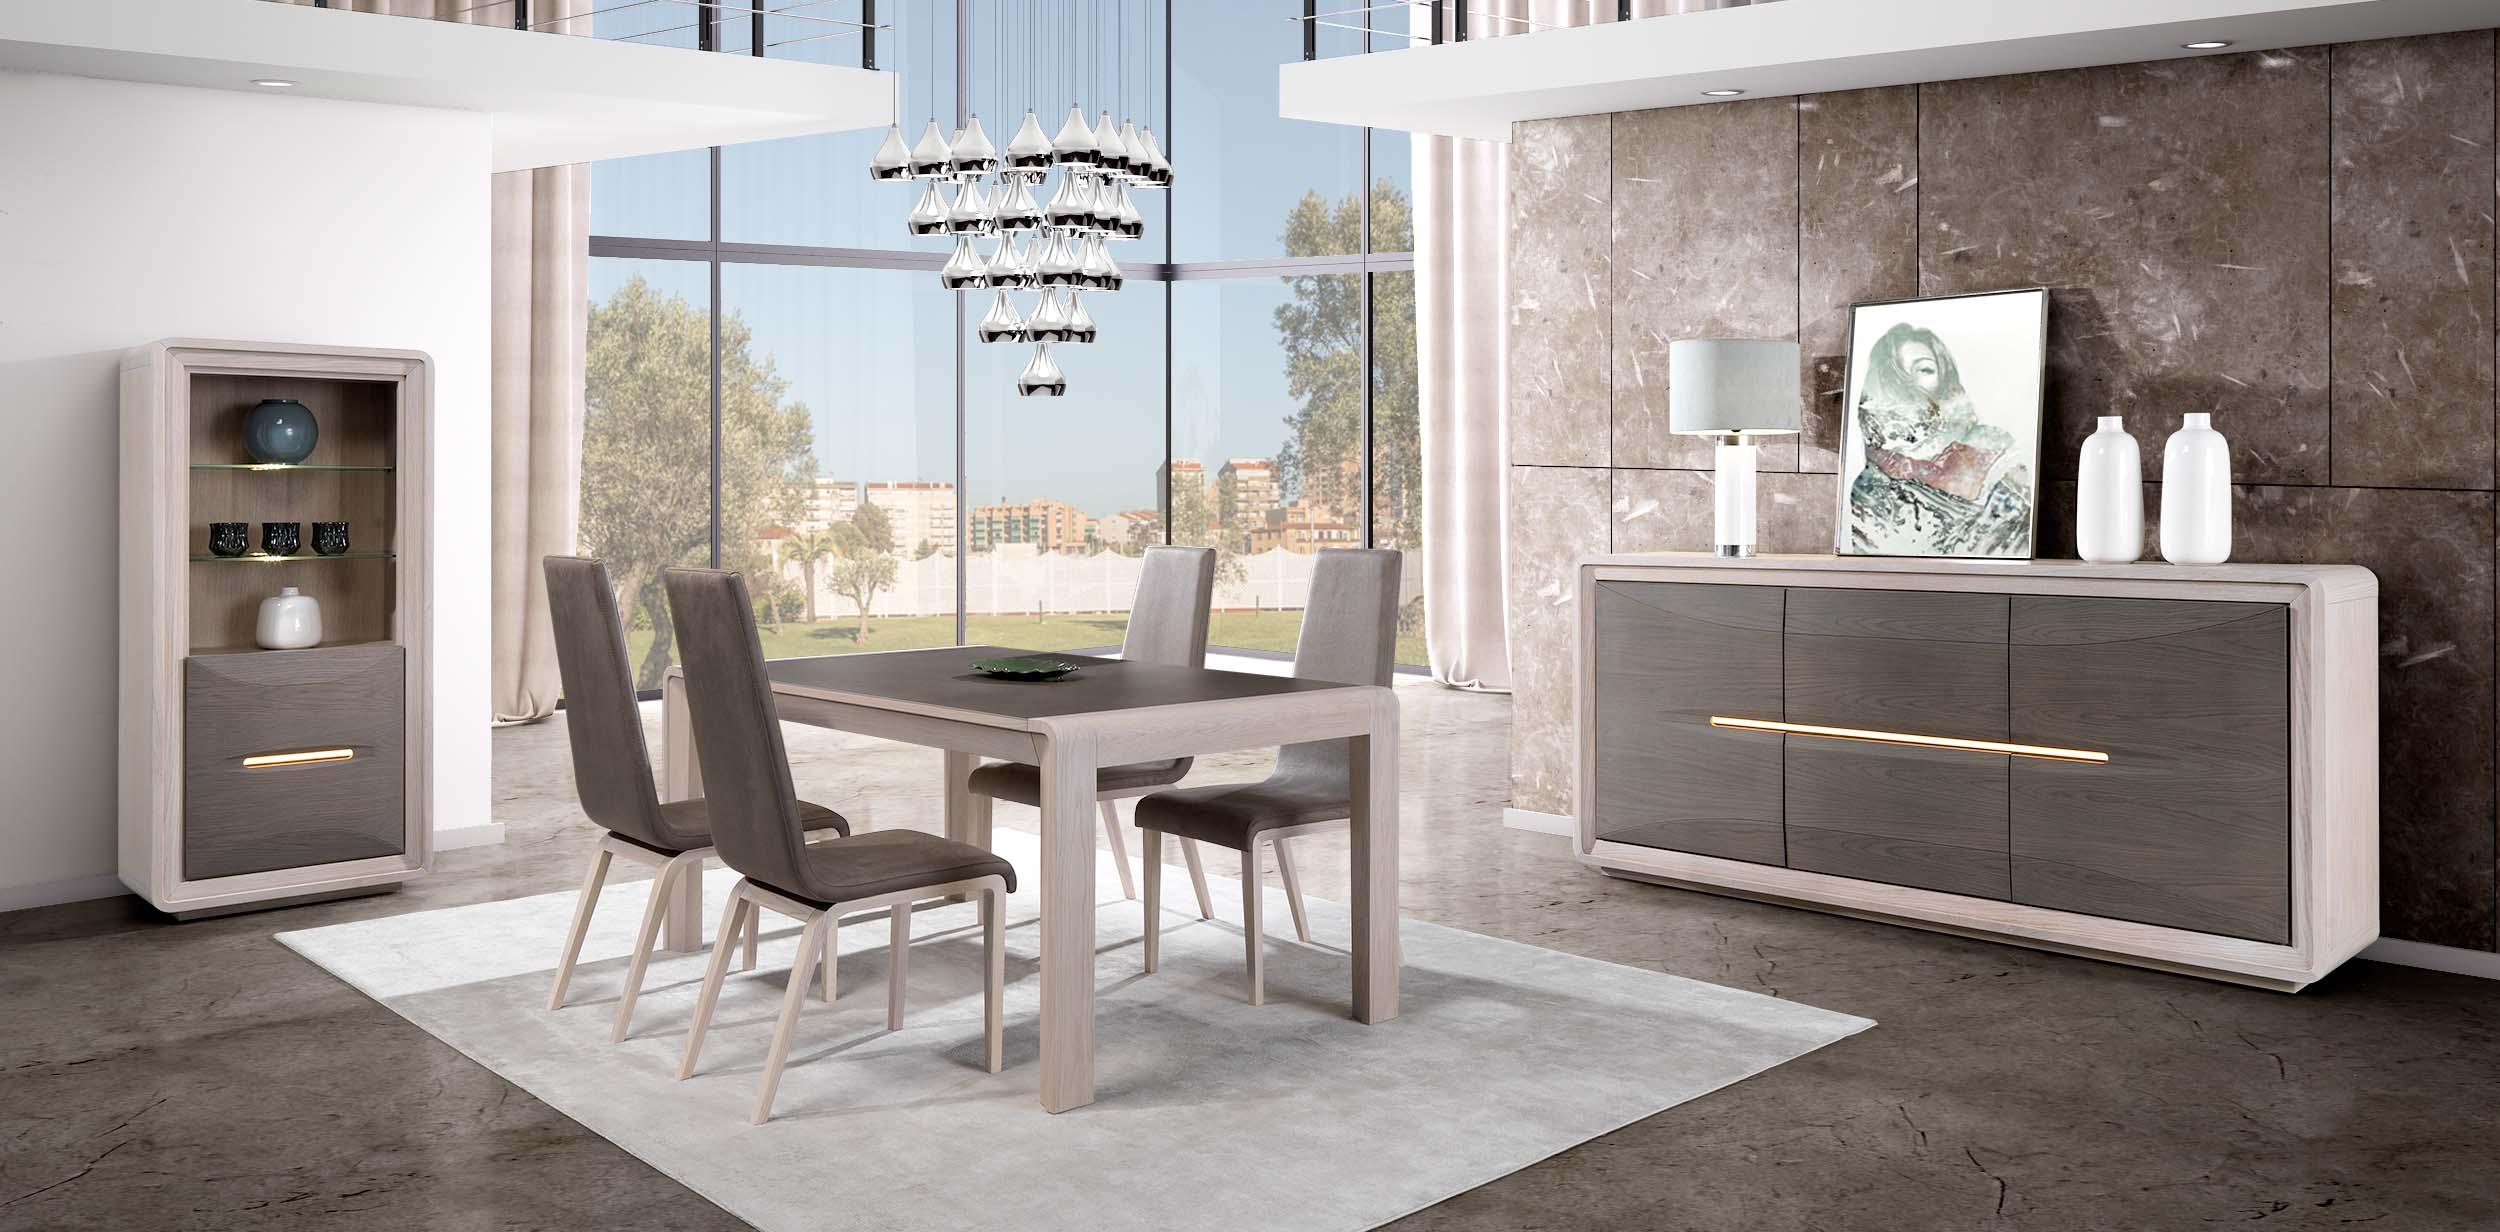 Cacio salle a manger meuble neptune meubles gibaud for Meubles lambermont salle a manger